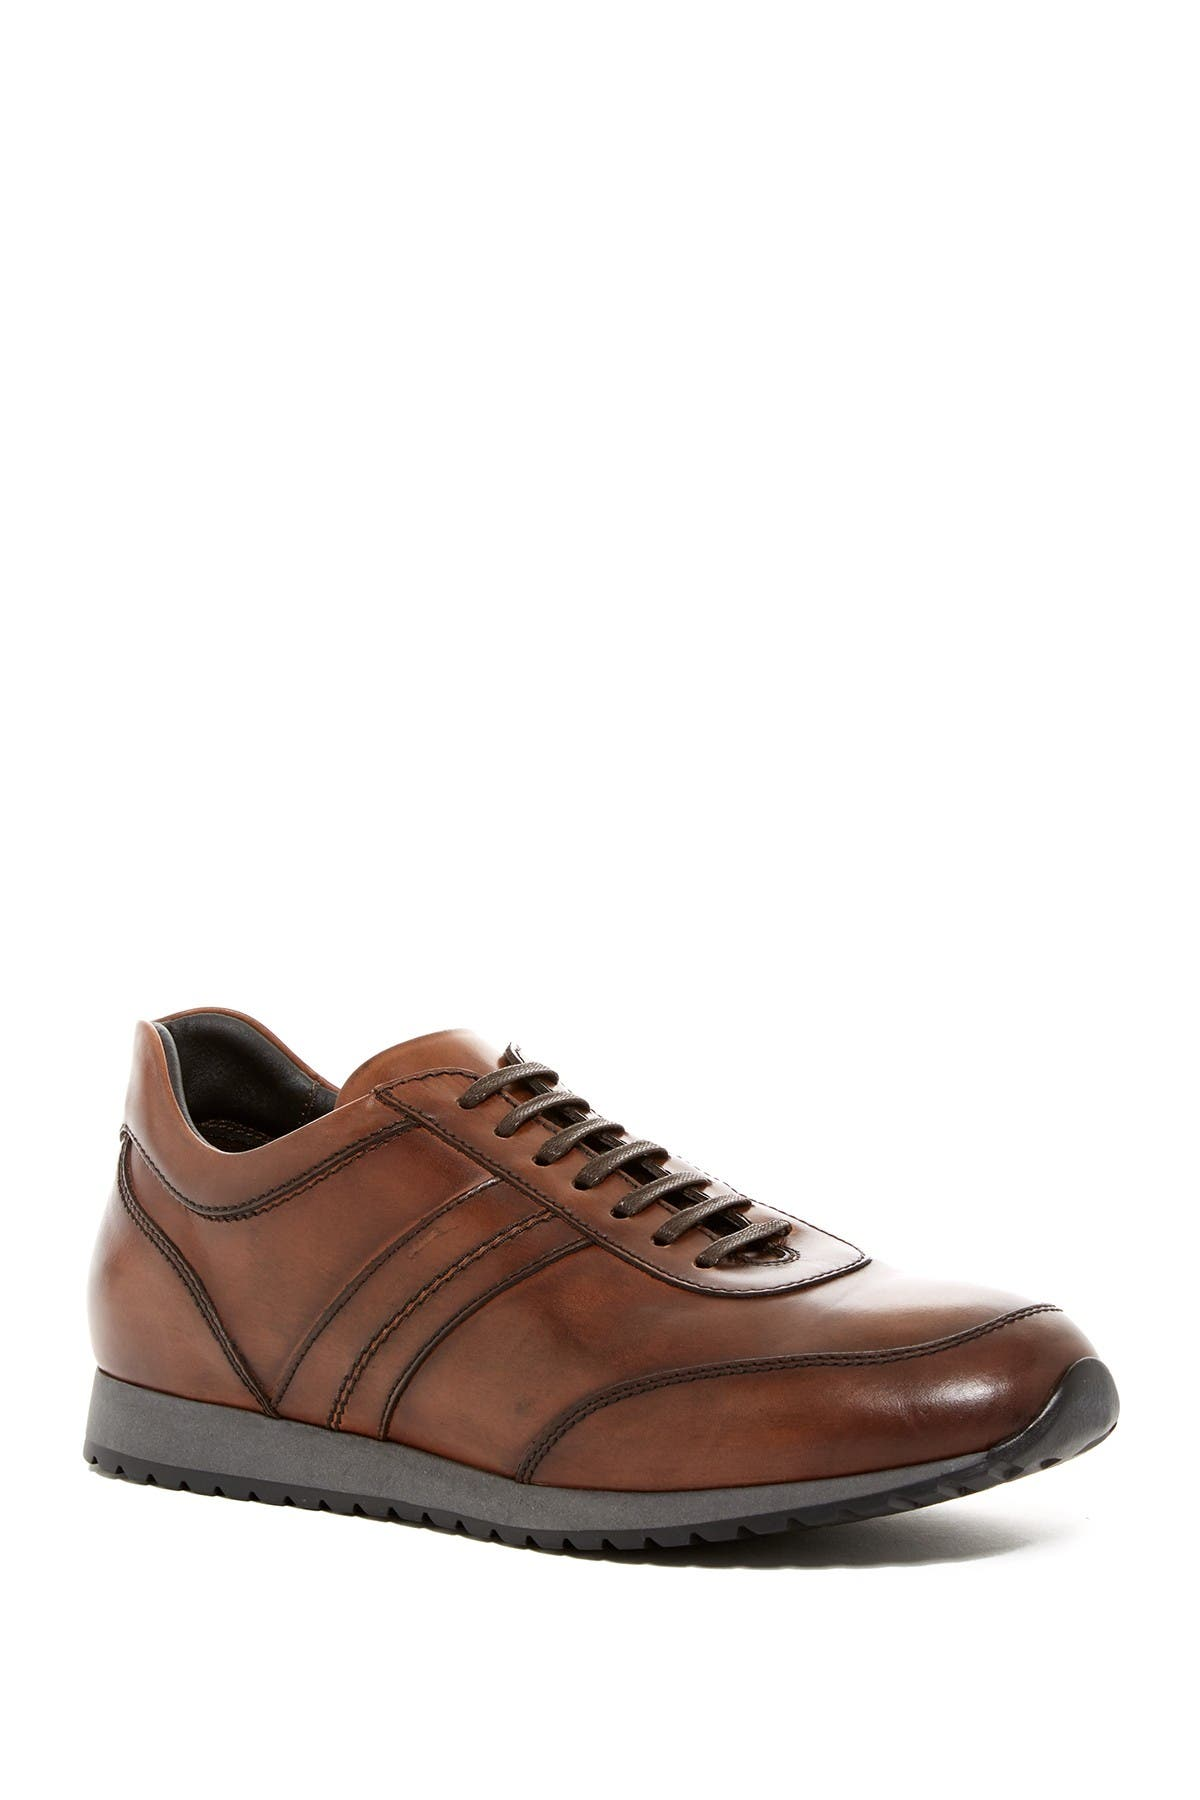 Image of To Boot New York Francesco Sneaker